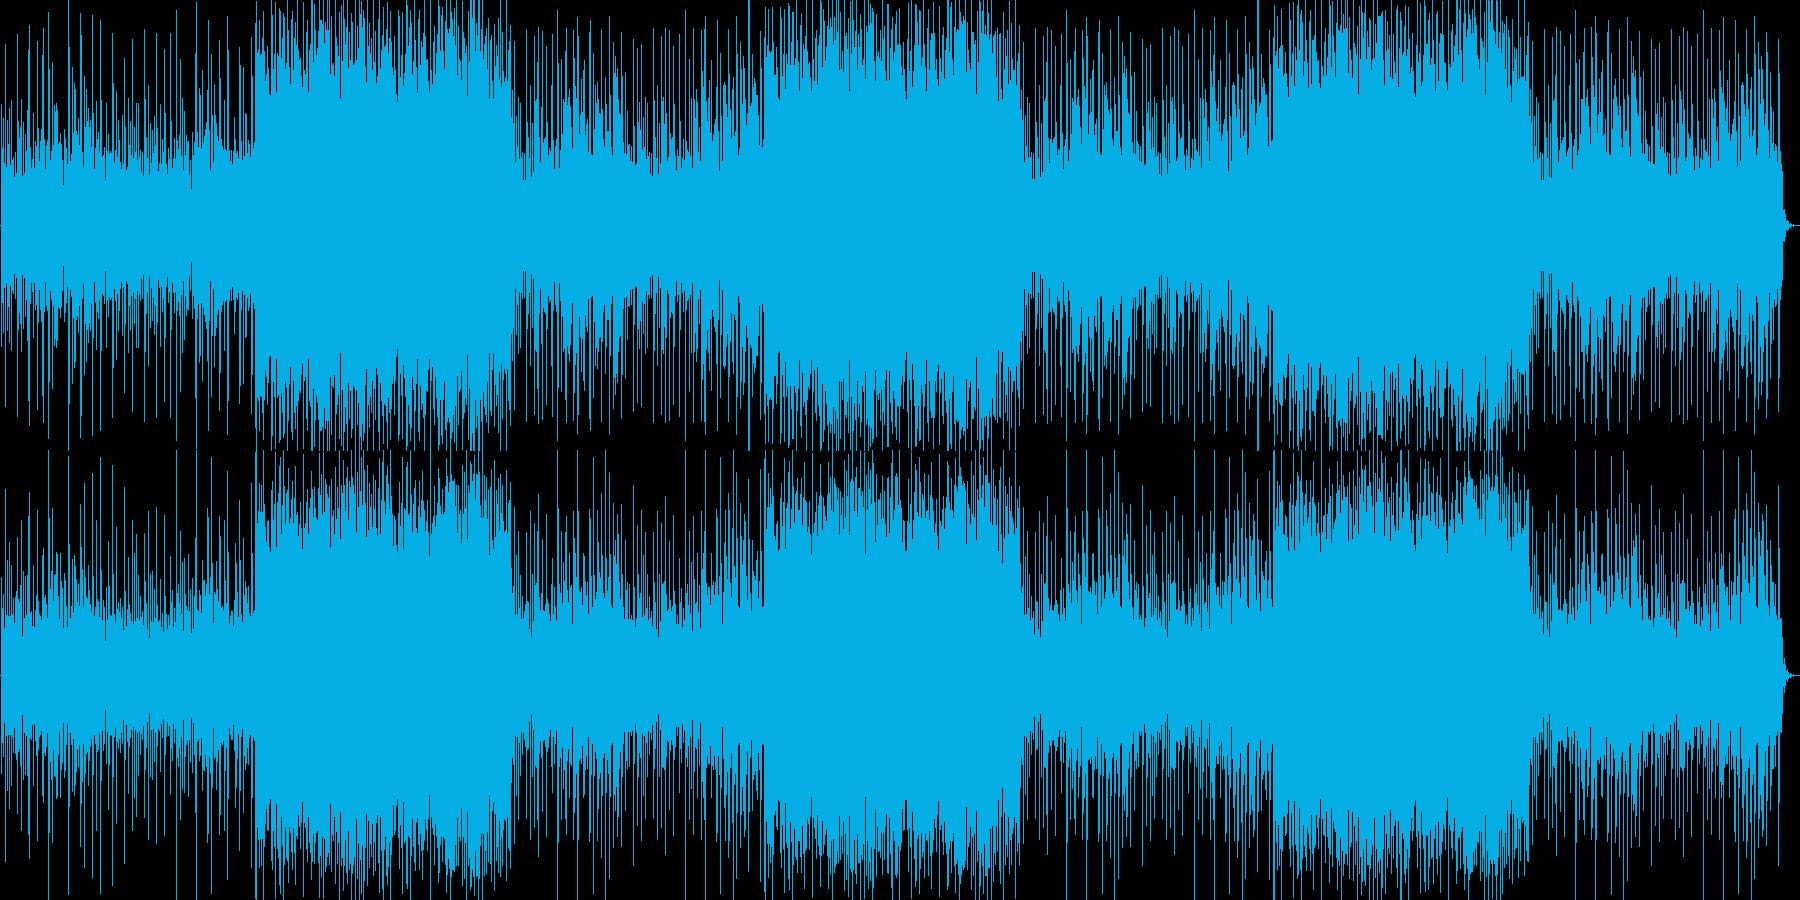 ギターとピアノがエモくて切ないロック調の再生済みの波形